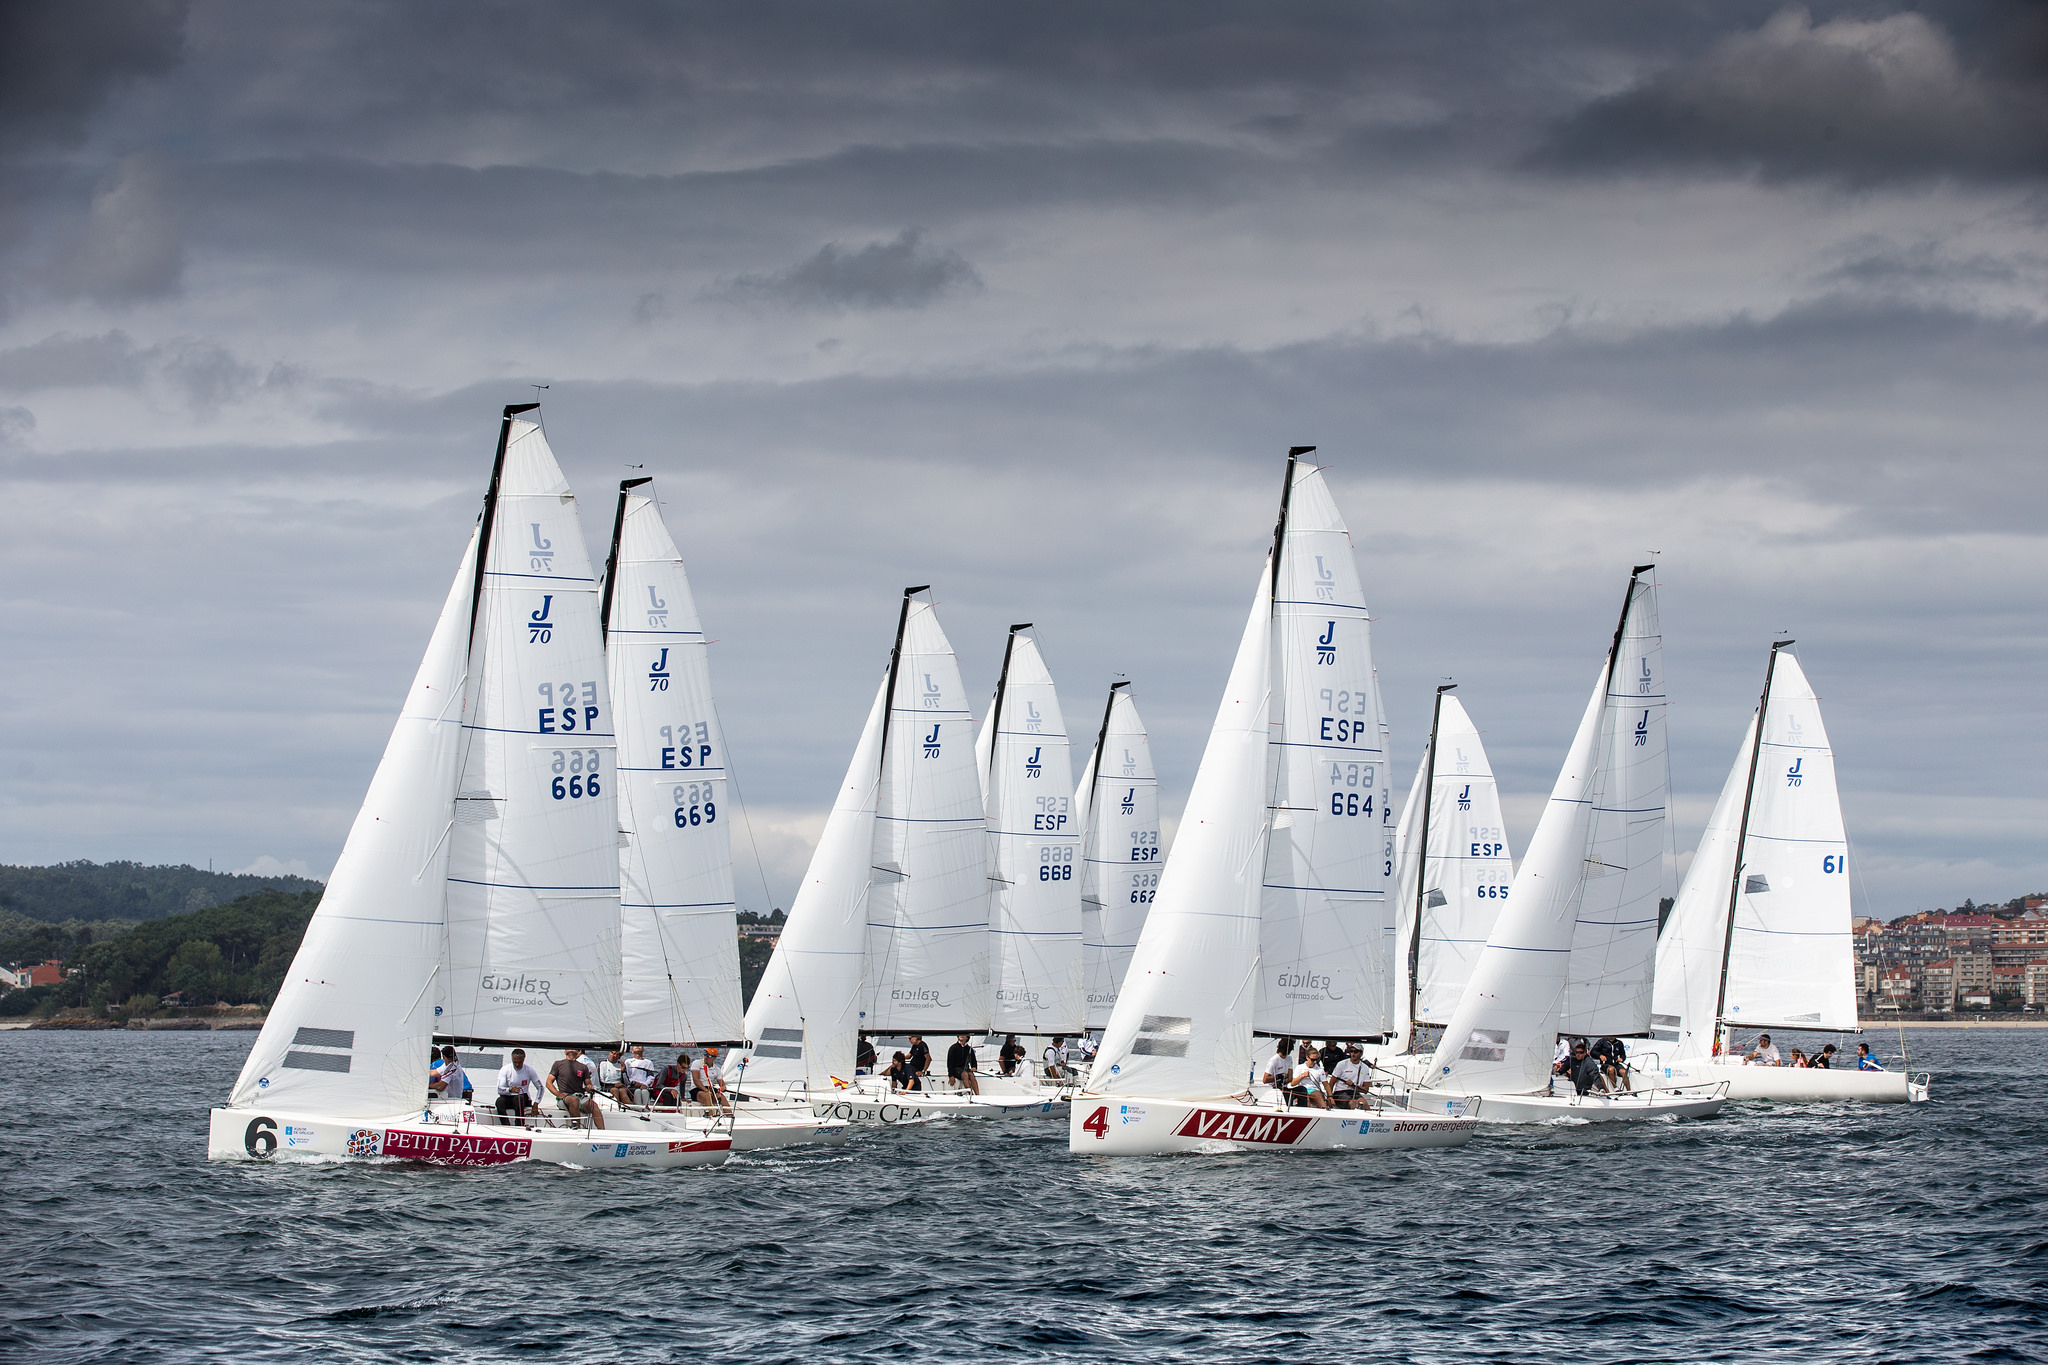 La flota de J70 navegando en su primera jornada de competición en Sanxenxo © María Muiña